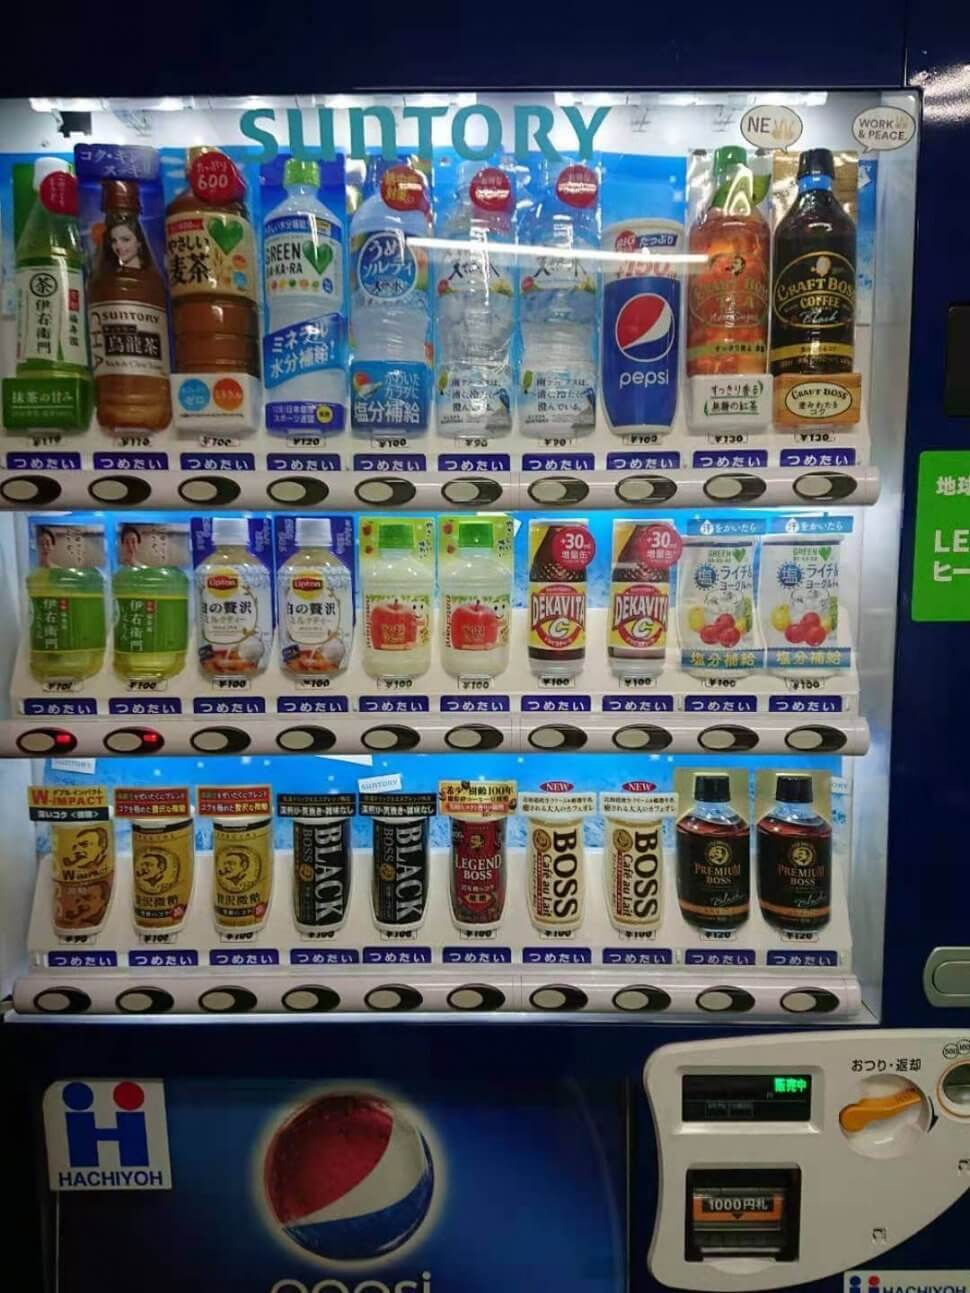 九段の自販機(じはんき)も寒い季節に合わせて衣替え 飲み物売れ筋ランキングも発表!!